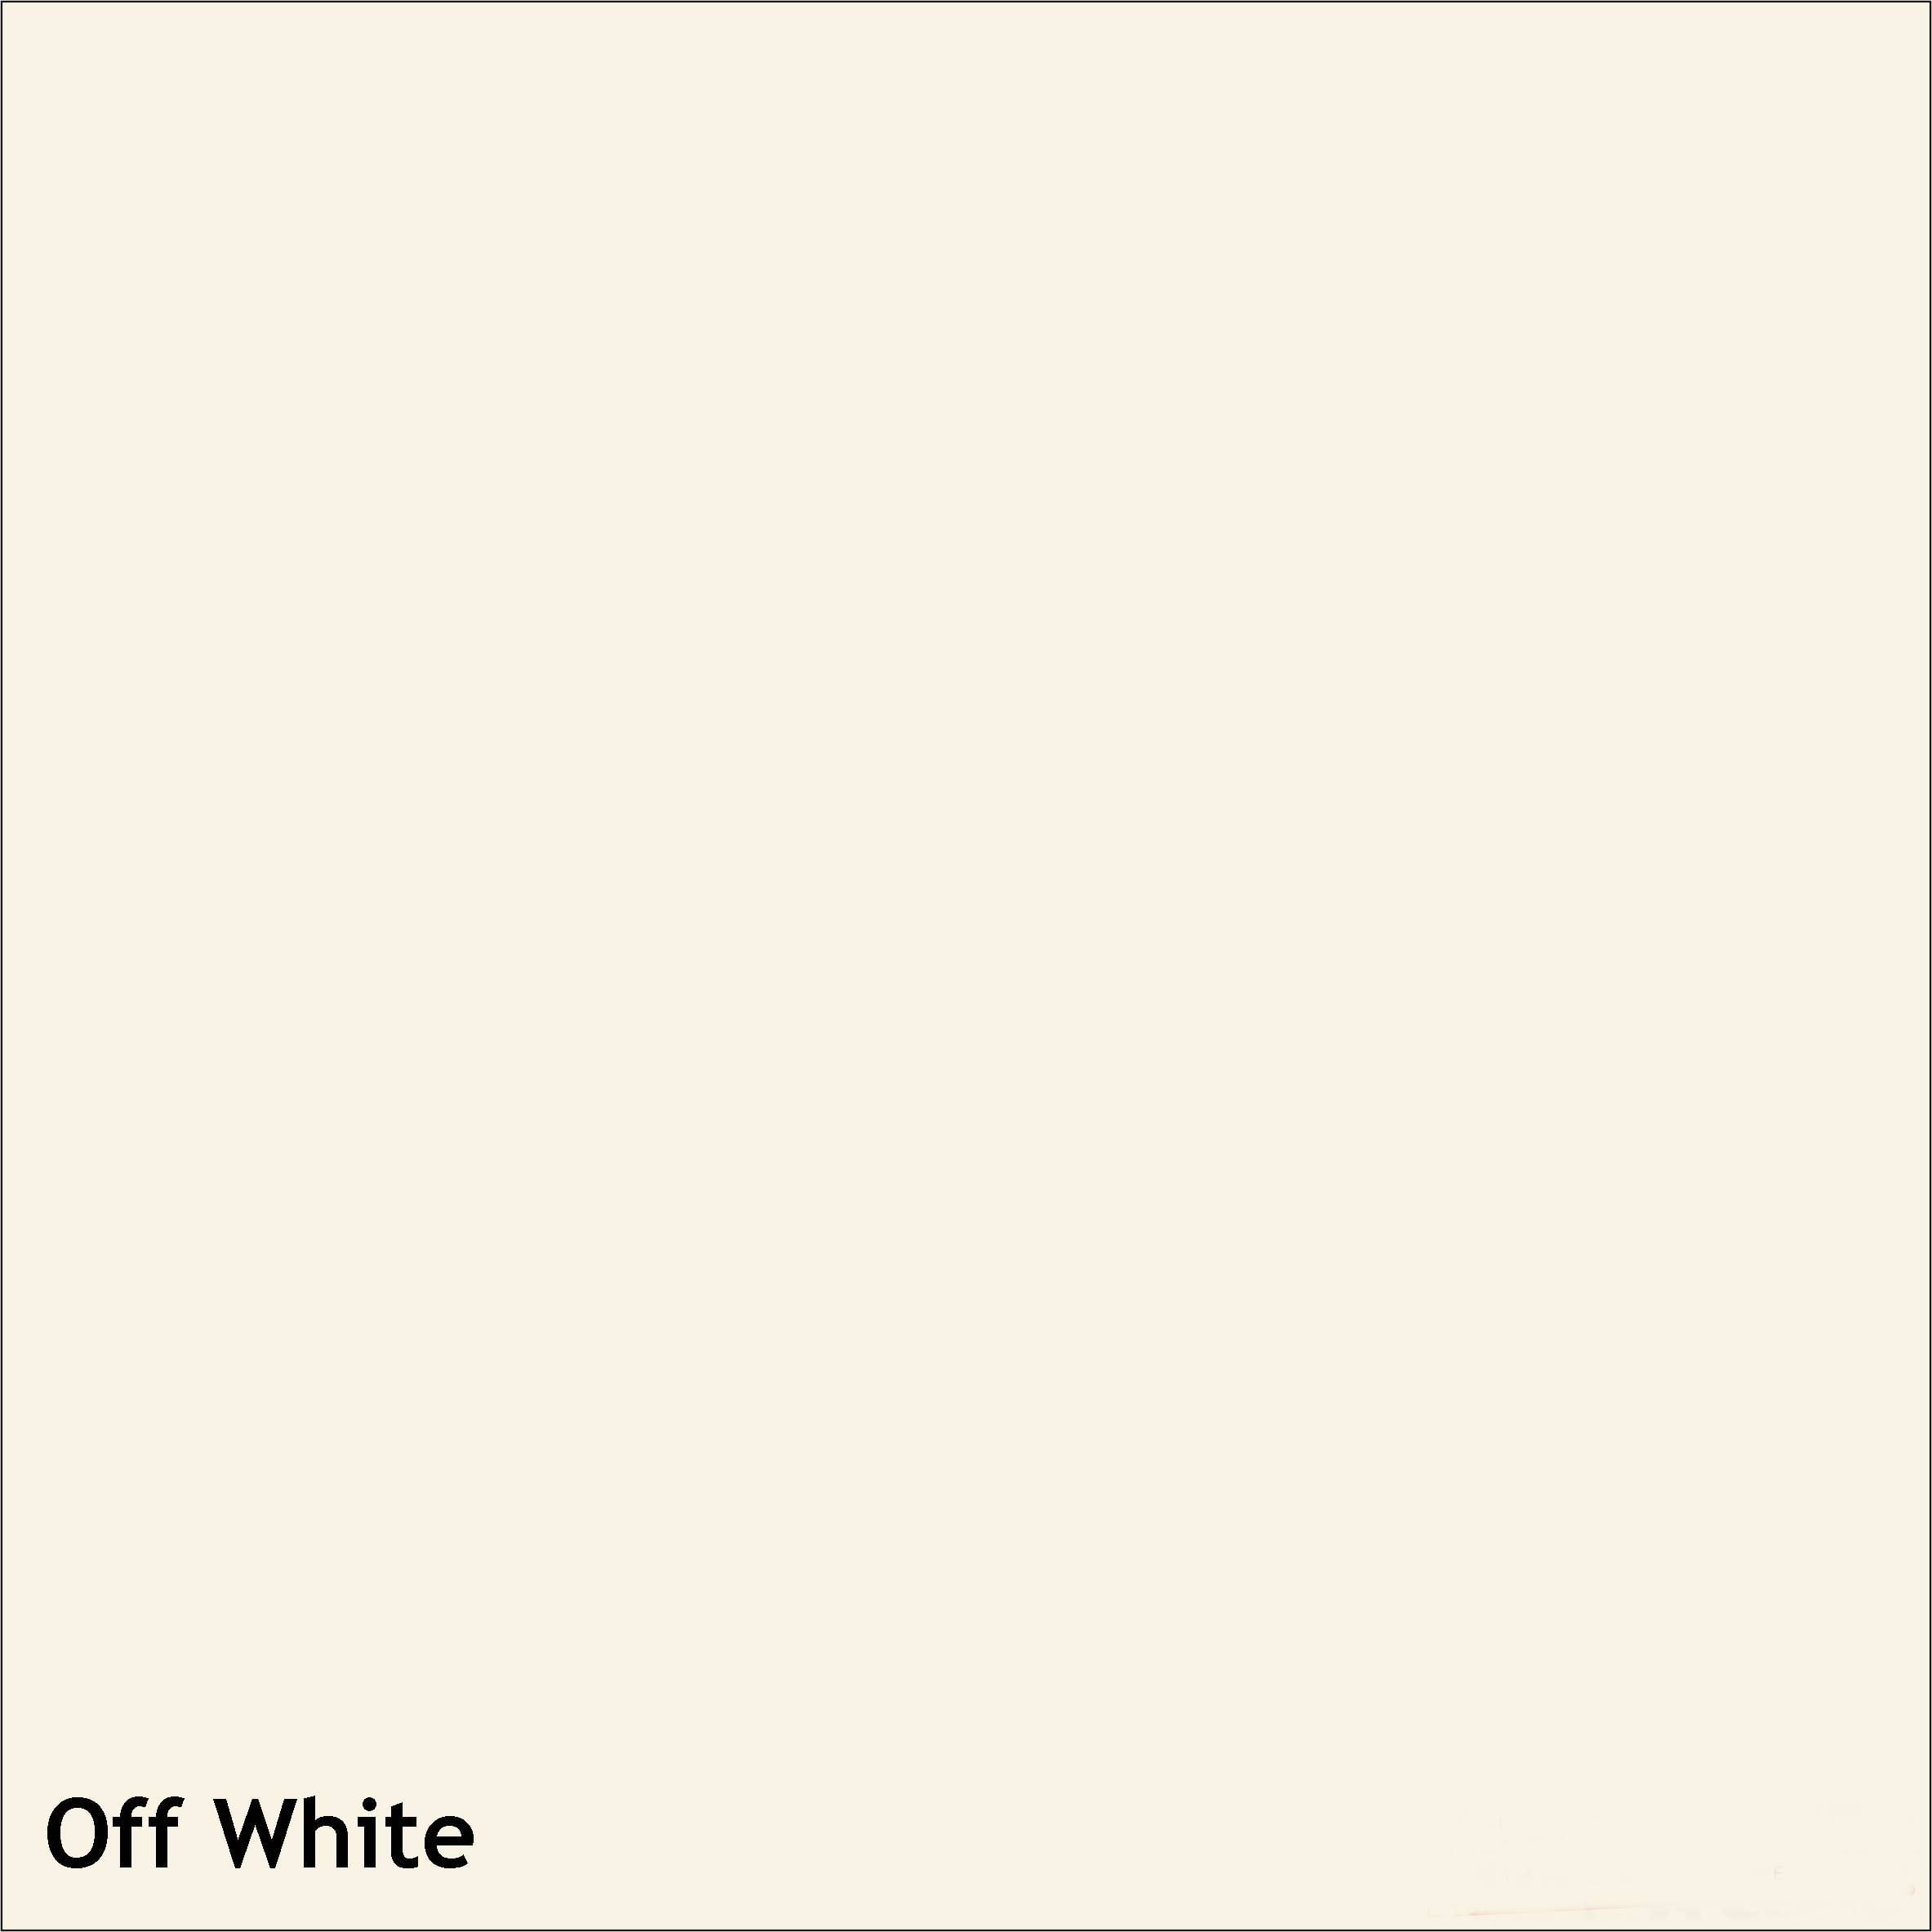 Rack com Painel Croacia com Led 1,80 MT Off White com Freijo - 37933